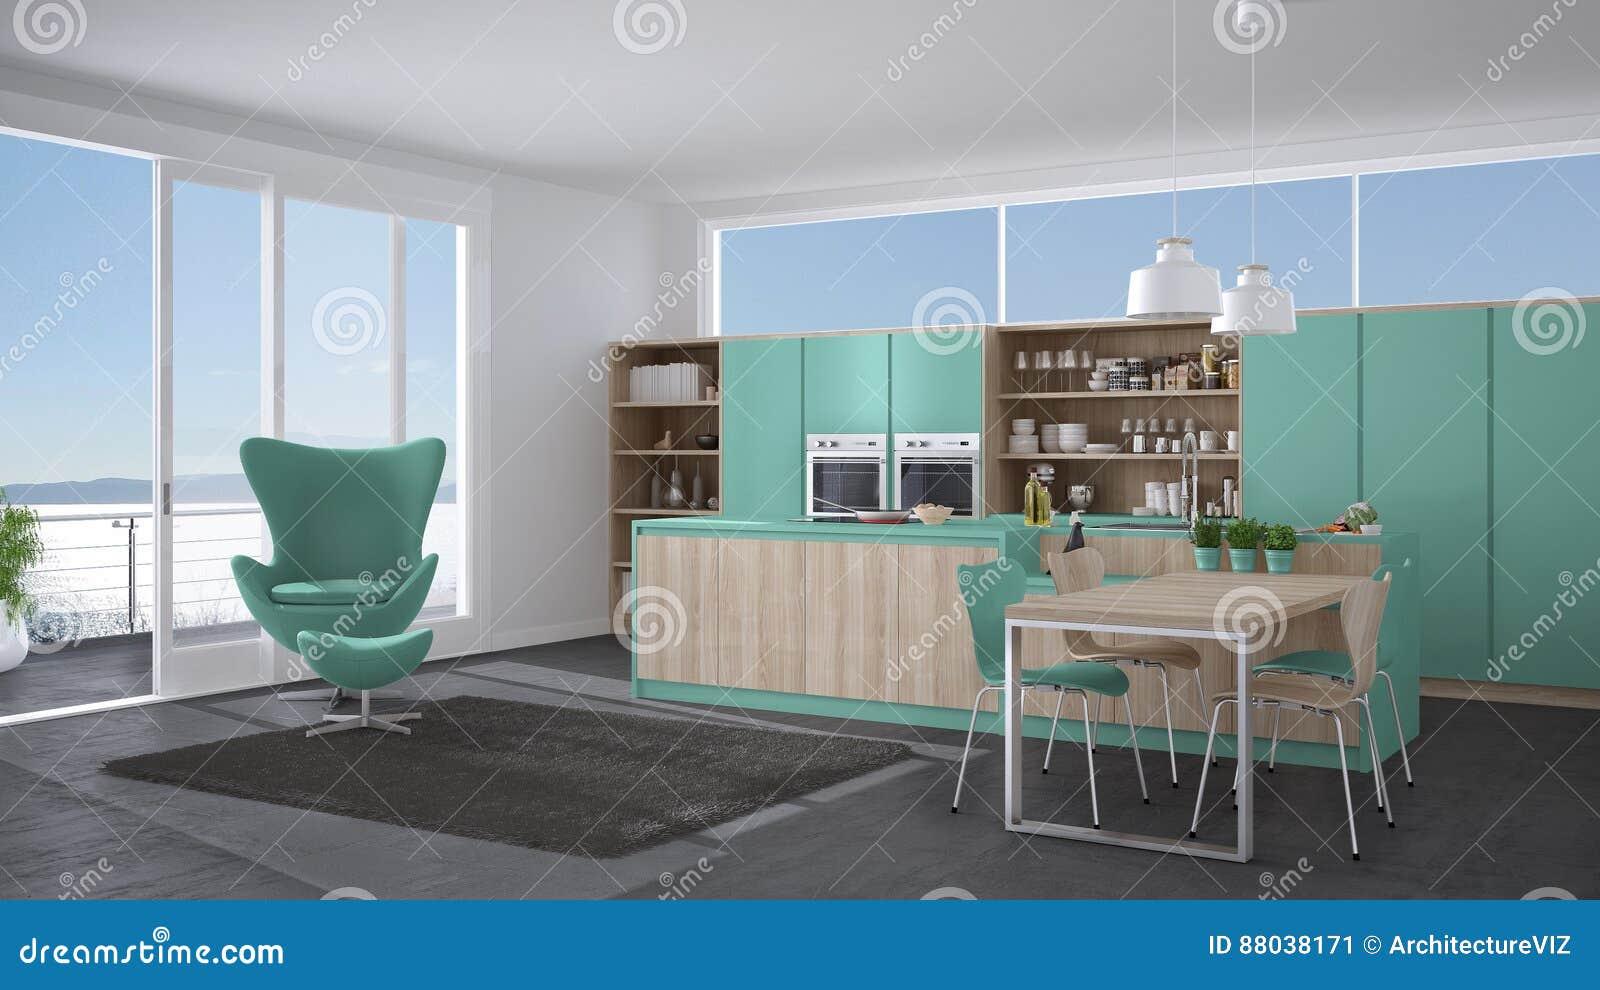 Cozinha Moderna Com Detalhes De Madeira Windo Grande Do Cinza E Da